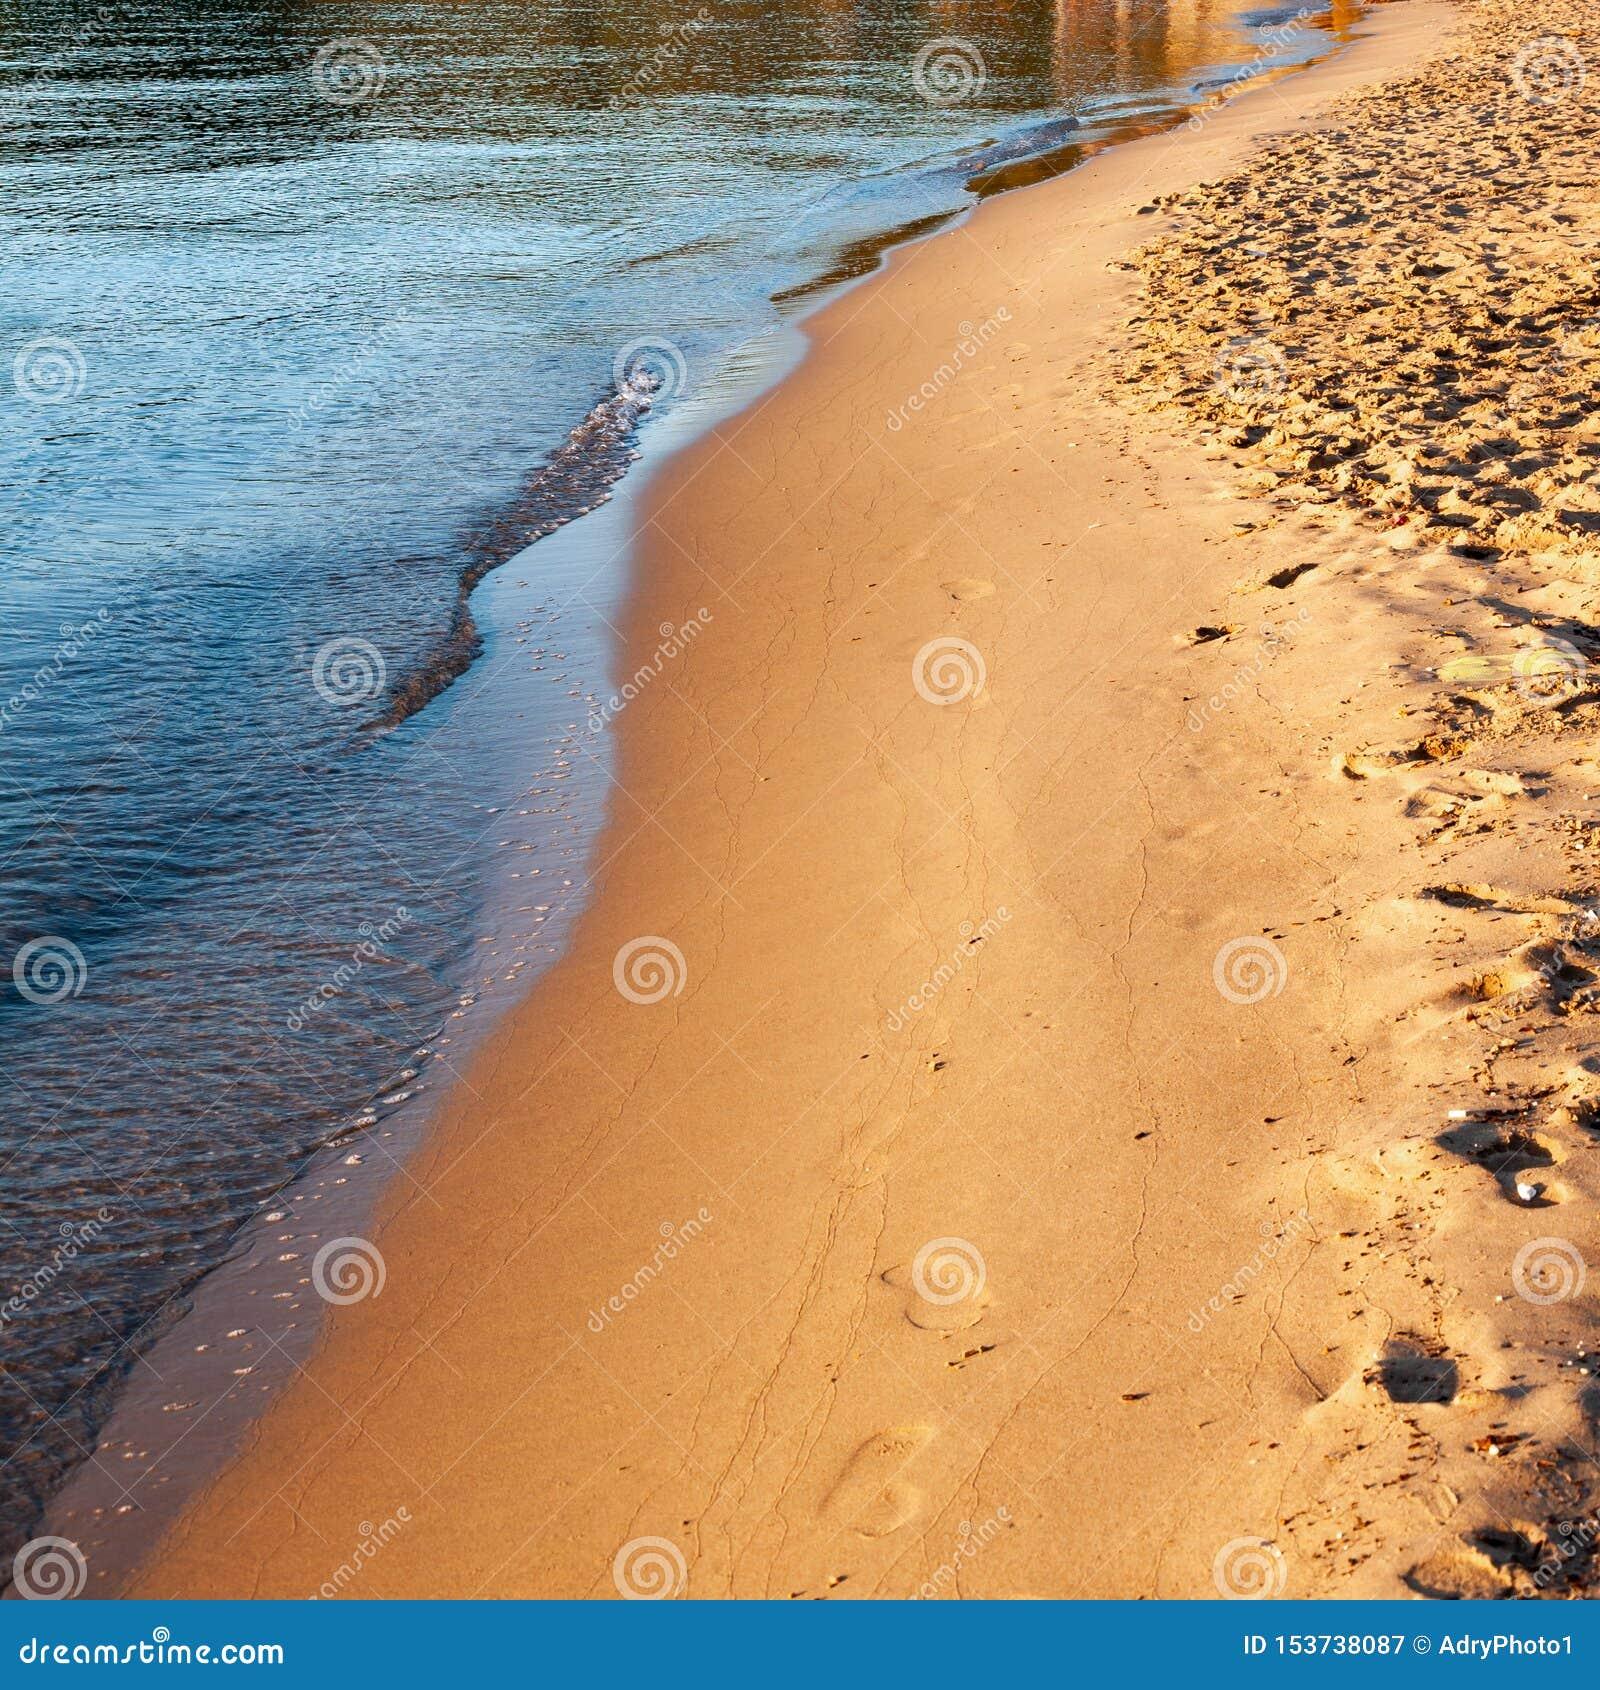 Zakynthos-Insel, Griechenland Eine Perle vom Mittelmeer mit den Str?nden und K?sten passend f?r unvergessliche Seefeiertage